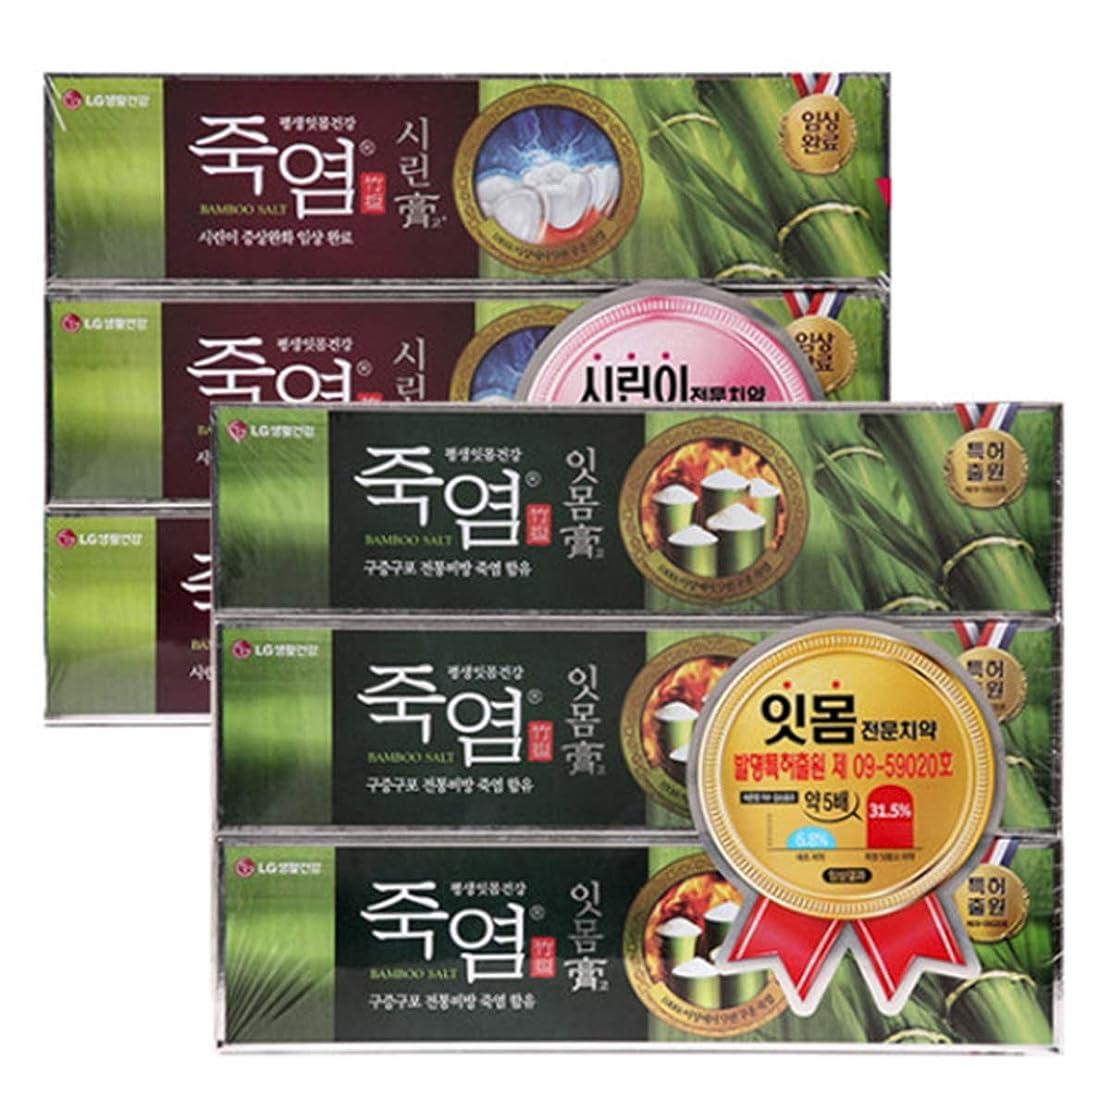 エンドテーブル意図的添加[LG HnB] Bamboo salt gum. Crying toothpaste/竹塩ガムと。つぶれた歯磨き粉 120gx6個(海外直送品)